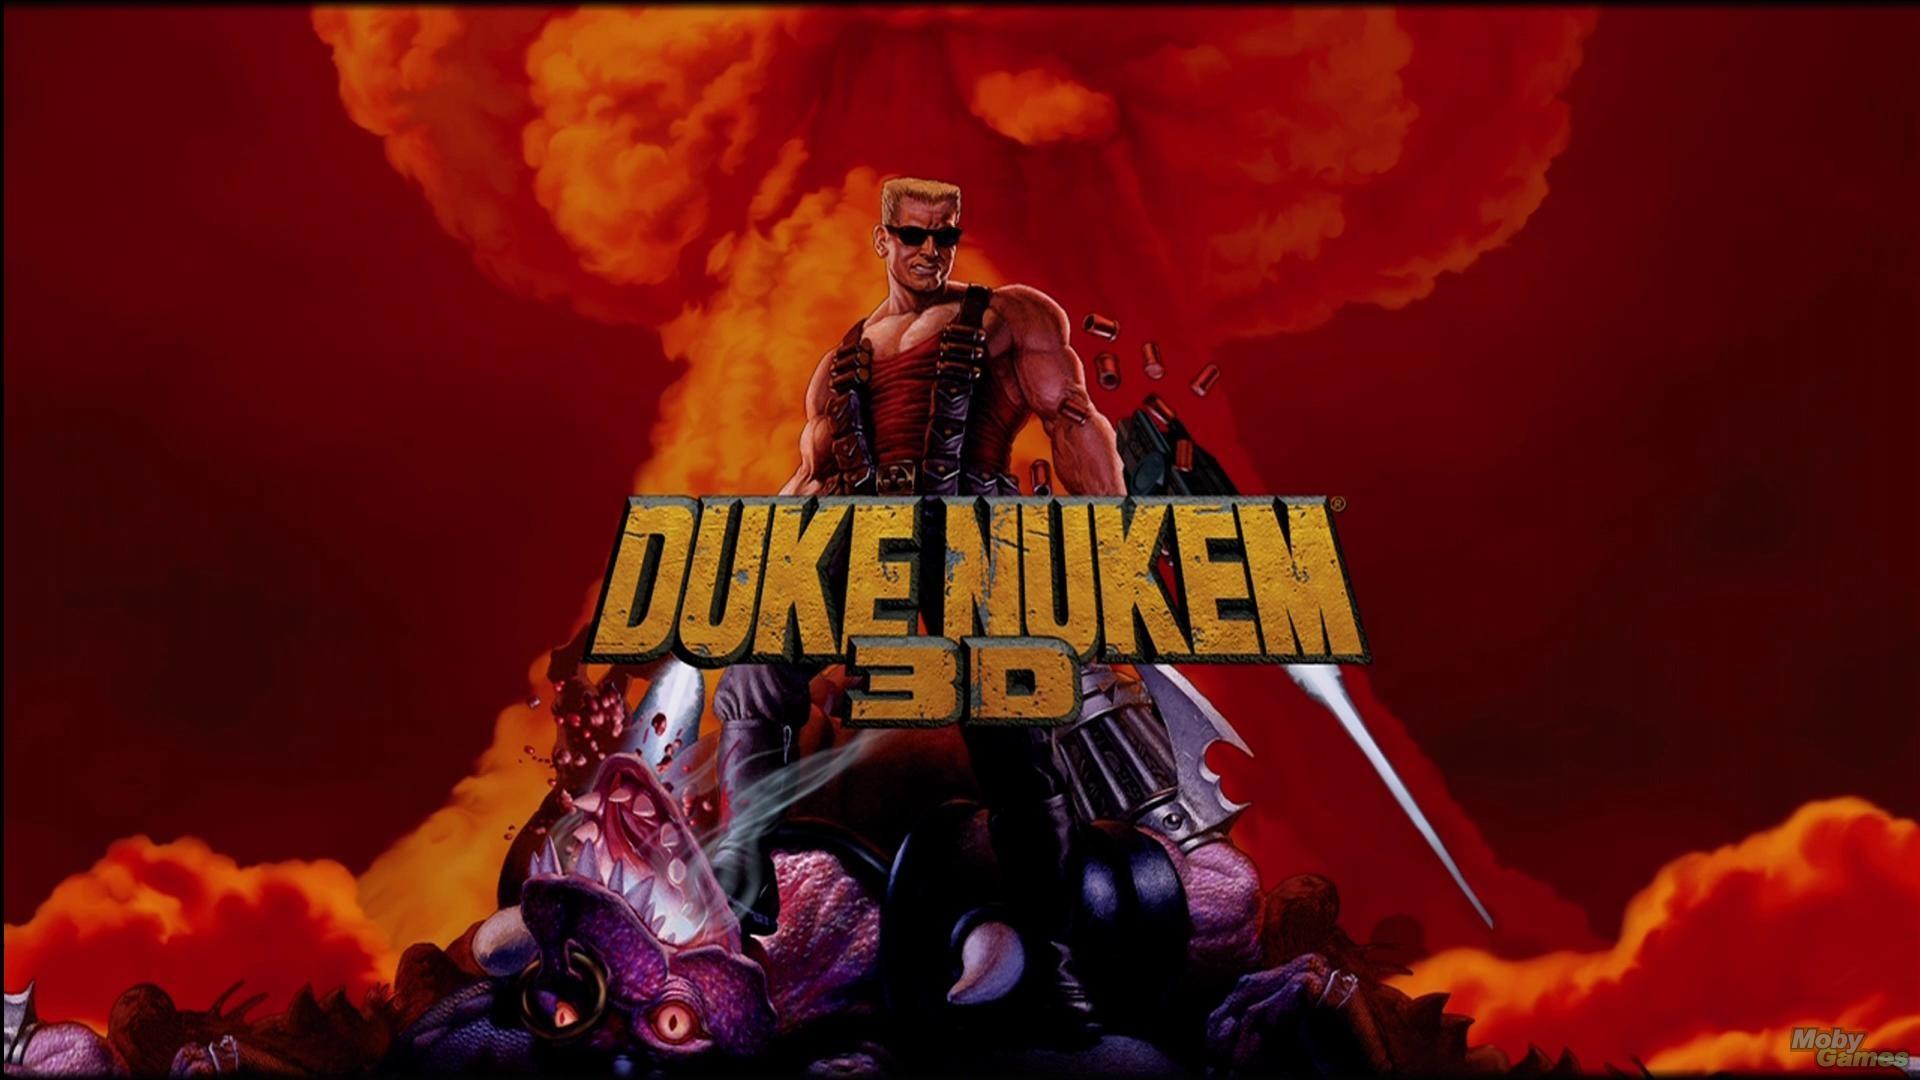 Video Game – Duke Nukem 3D Wallpaper